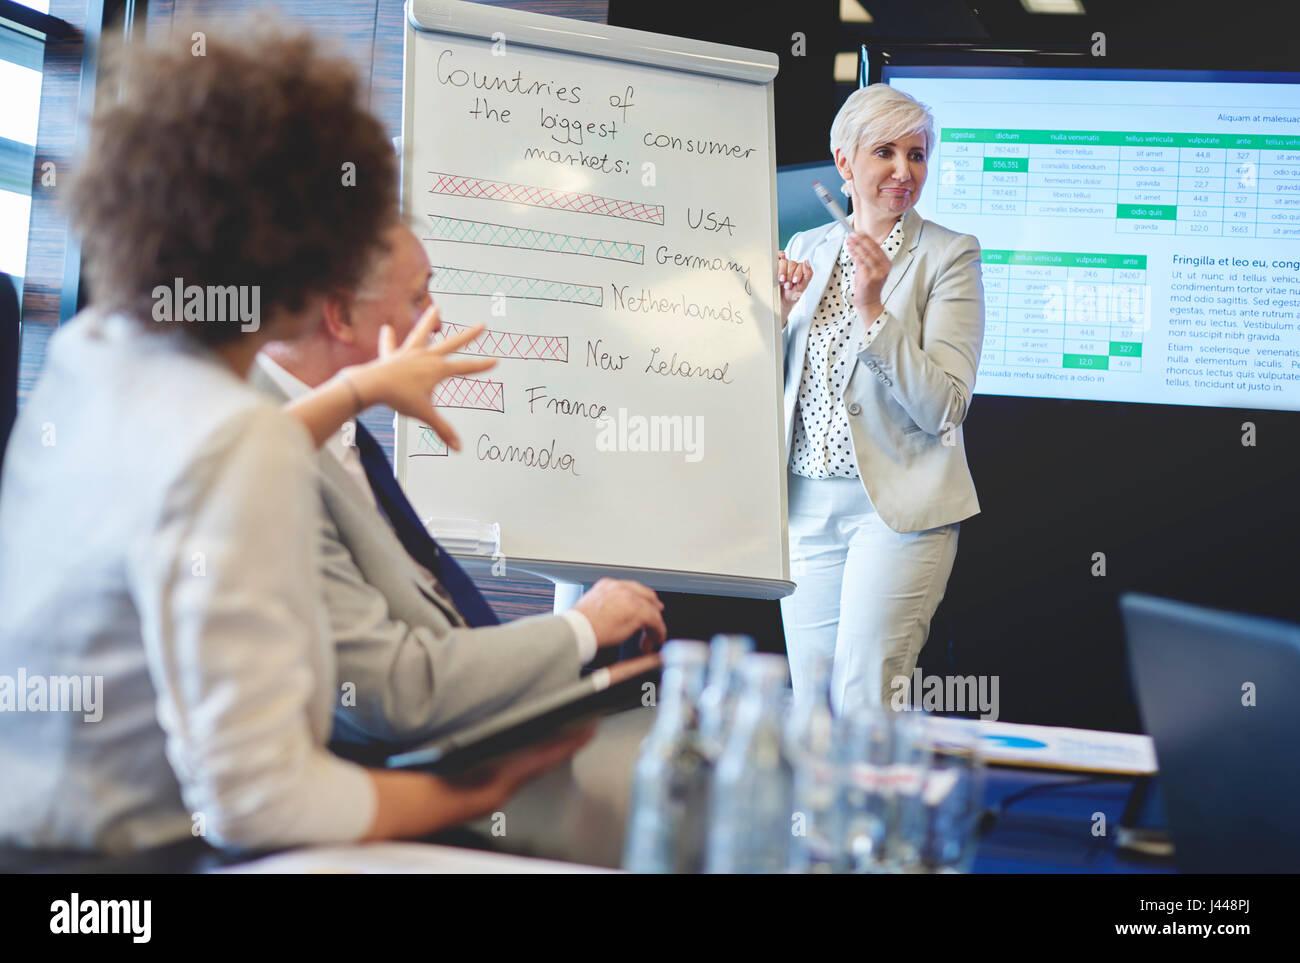 Leader femmina utilizzando apparecchiature aziendali Immagini Stock